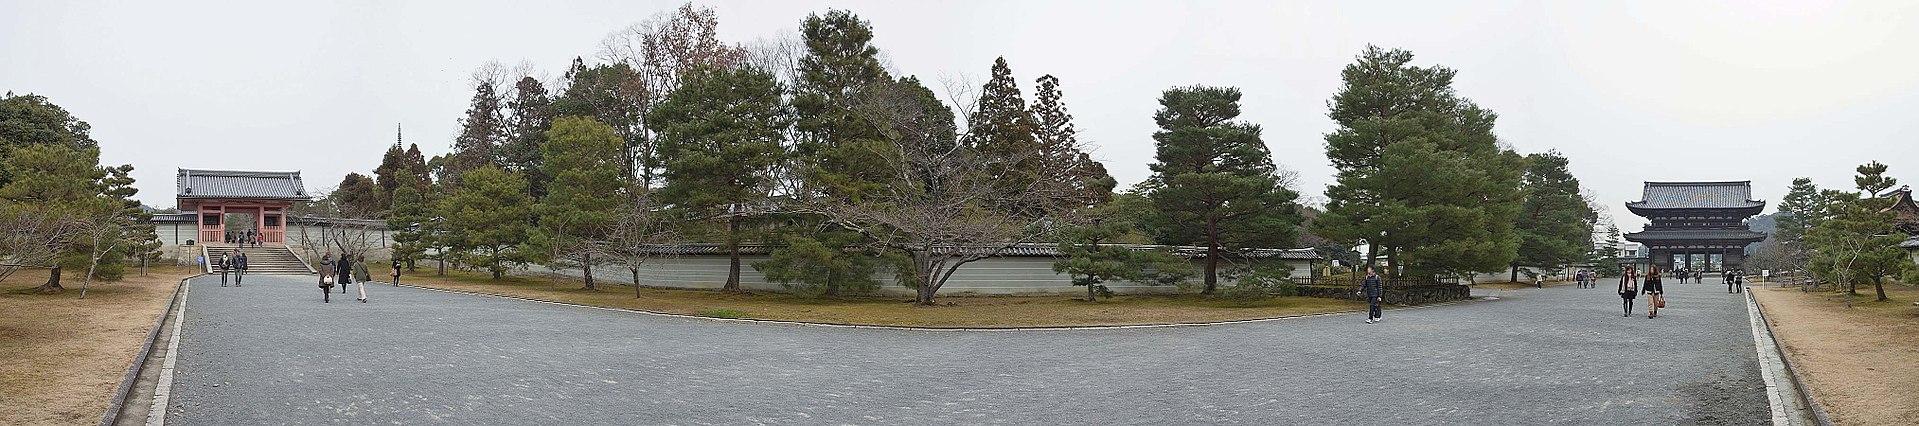 1920px-Ninna-ji_,_仁和寺_-_panoramio_(11).jpg